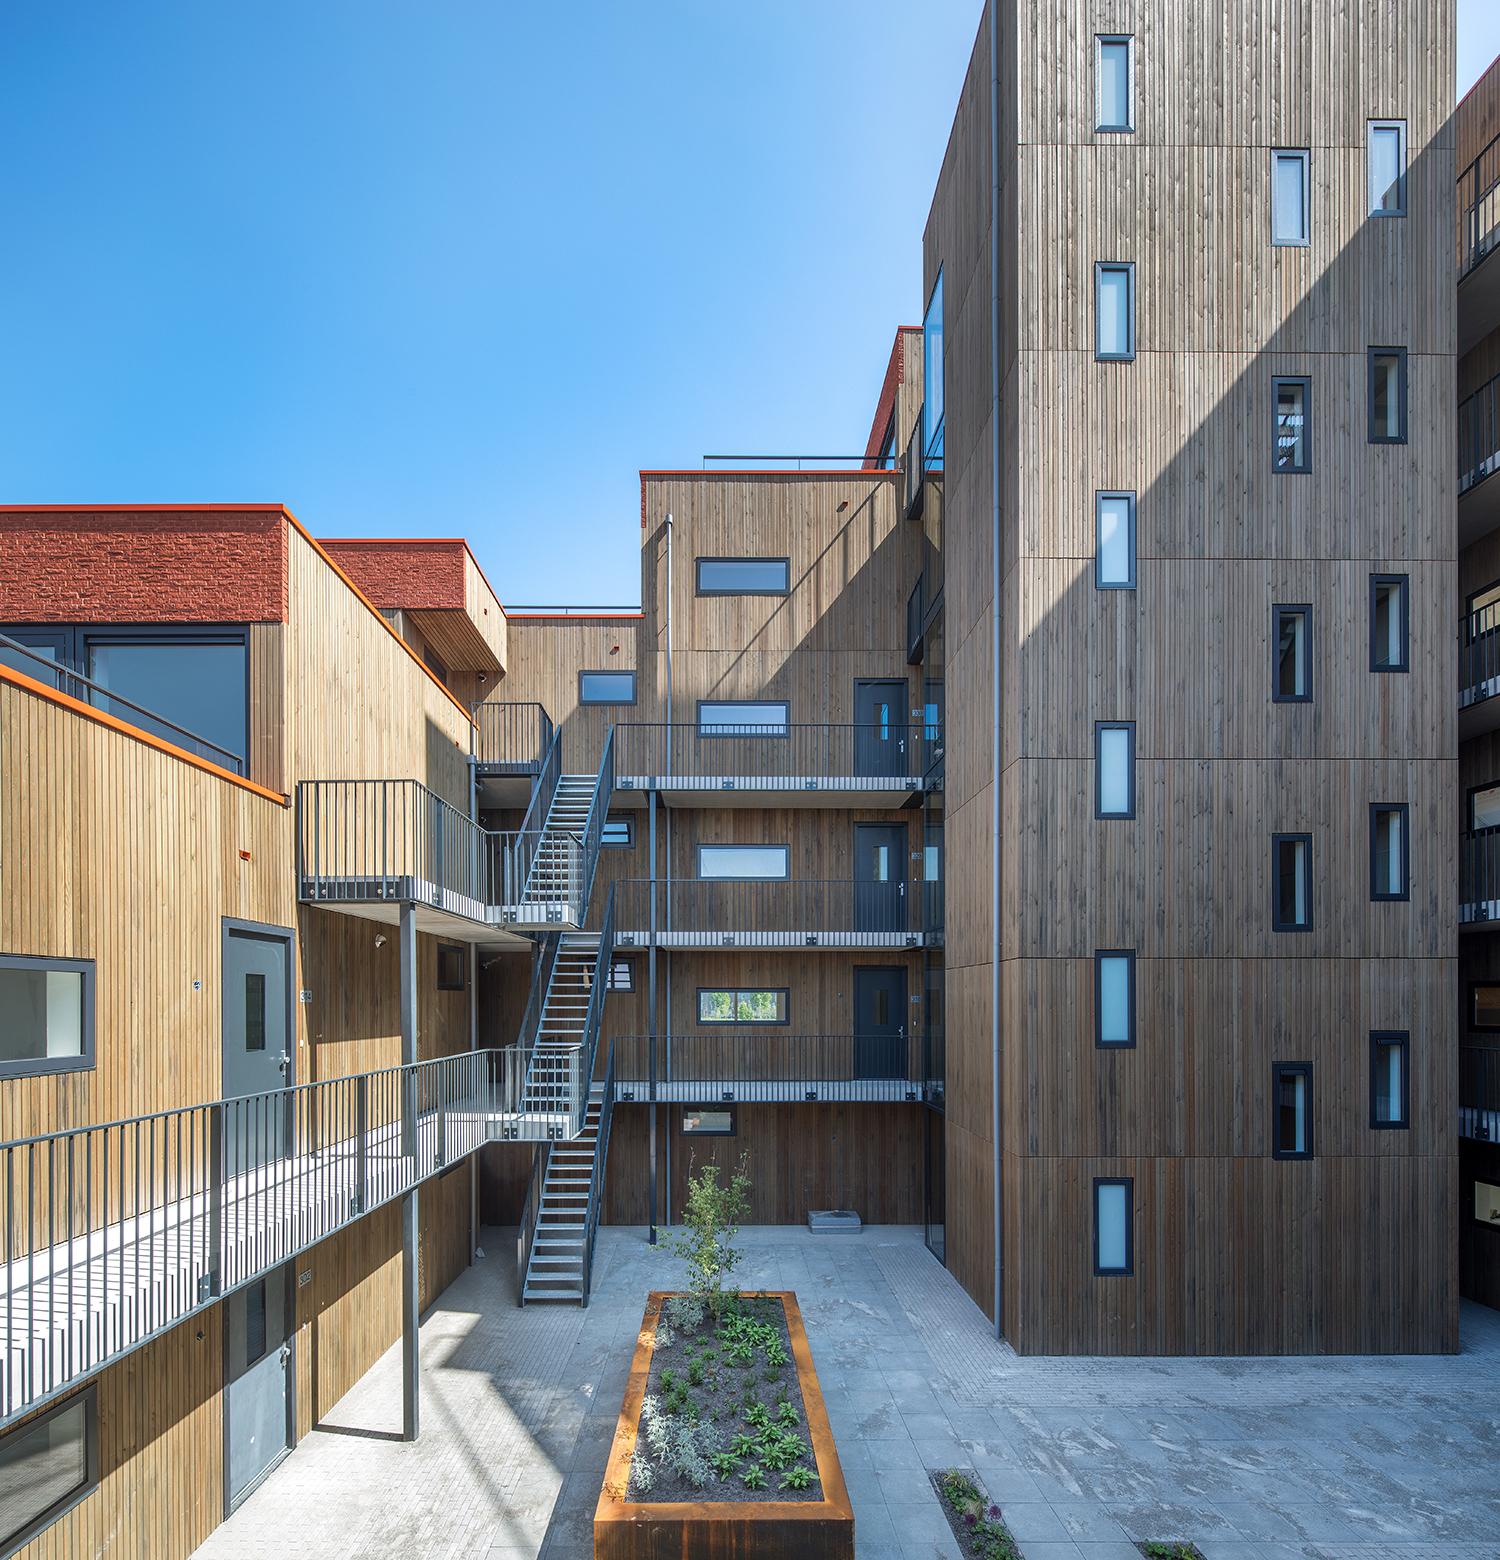 6_1_Urban-Villa-Achillesveld-Almere_Cross-Architecture (1).jpg